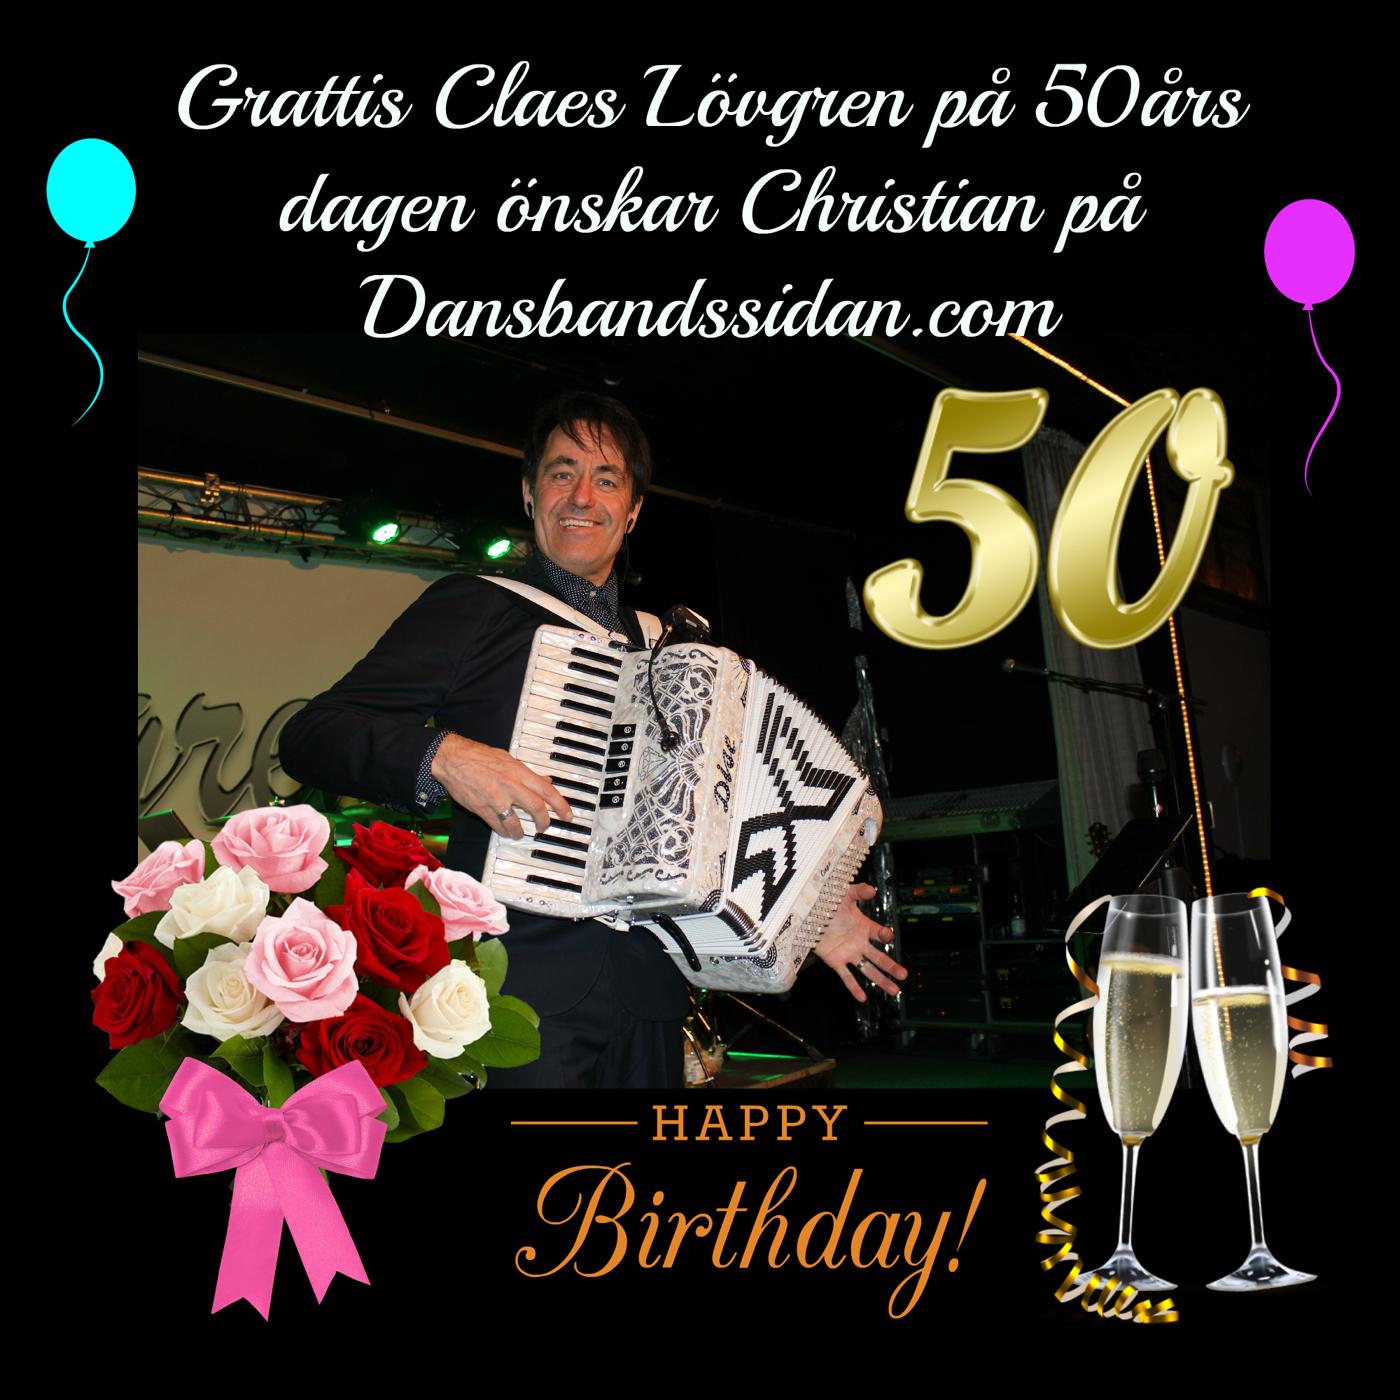 grattis 50 årsdagen Grattis Claes Lövgren på 50 års dagen! | Dansbandssidan grattis 50 årsdagen